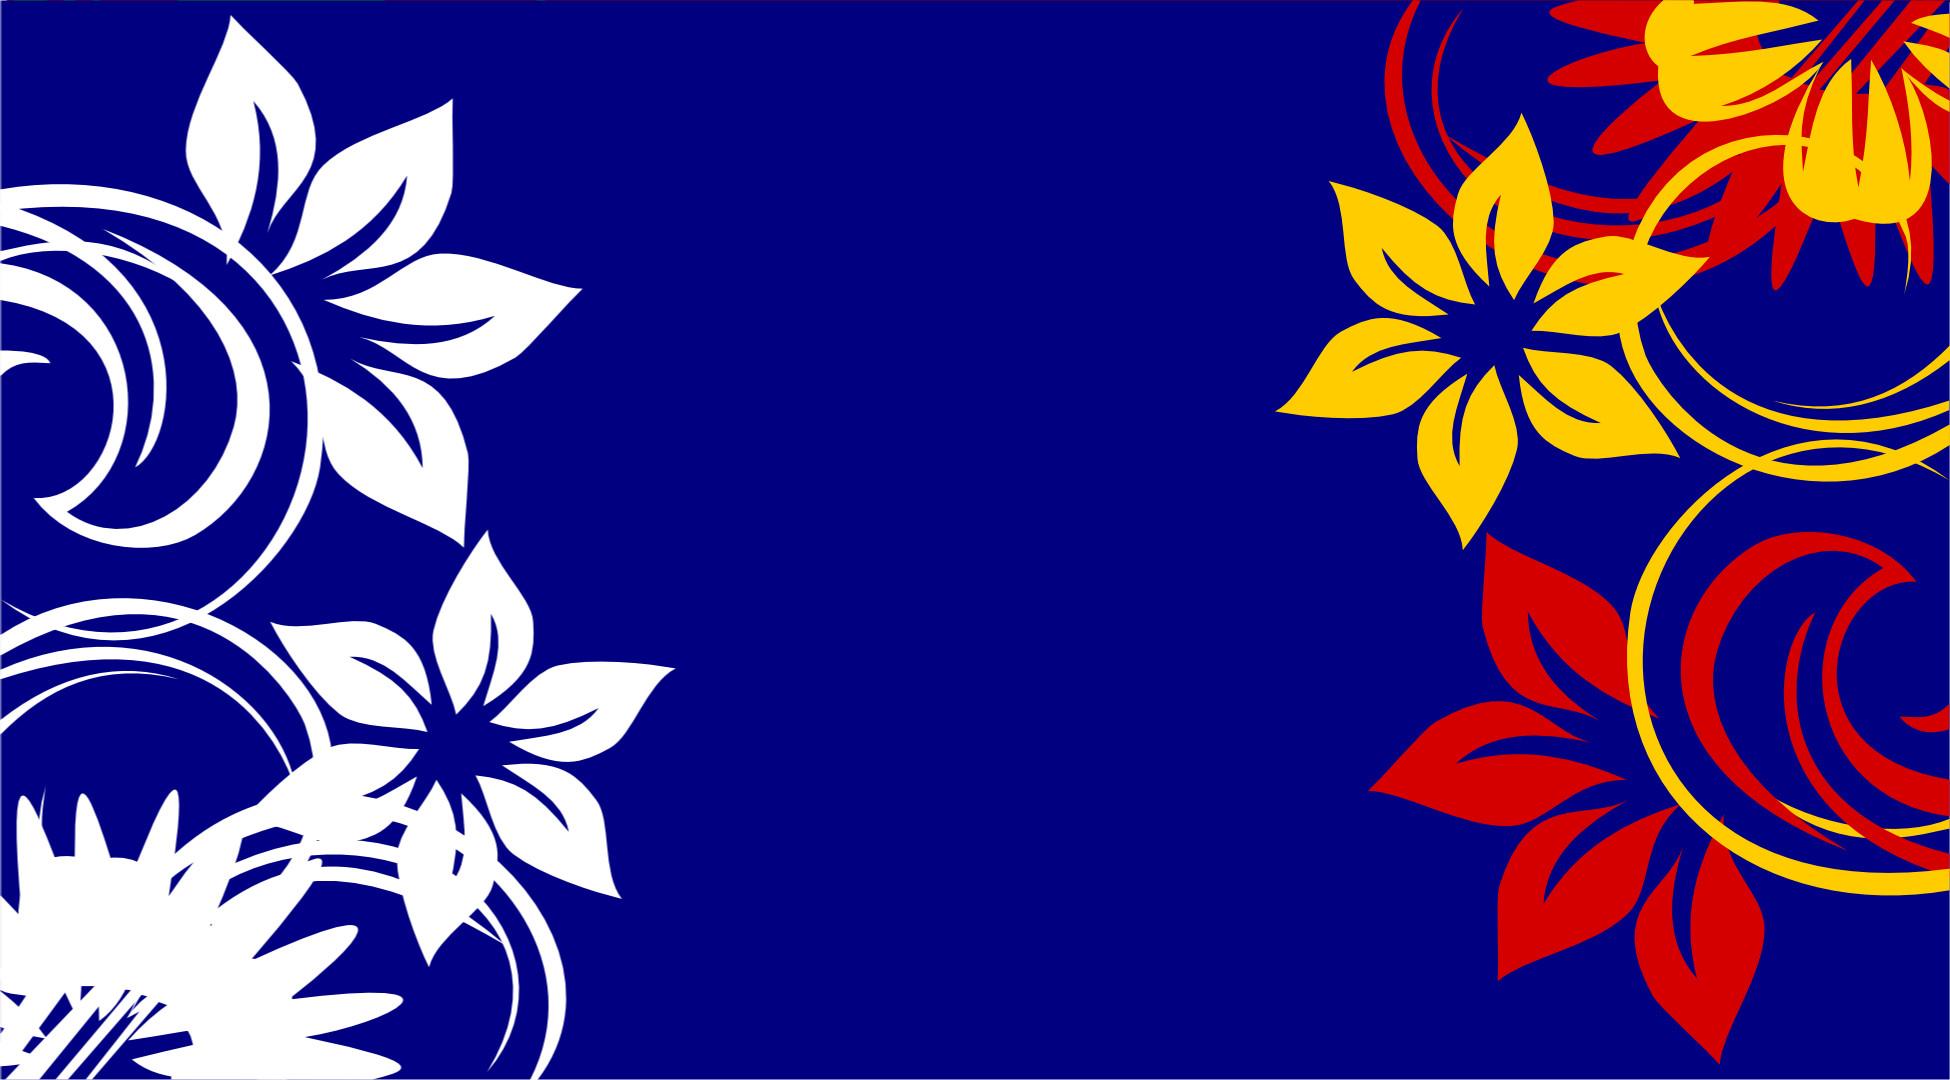 Blue Floral Background 1